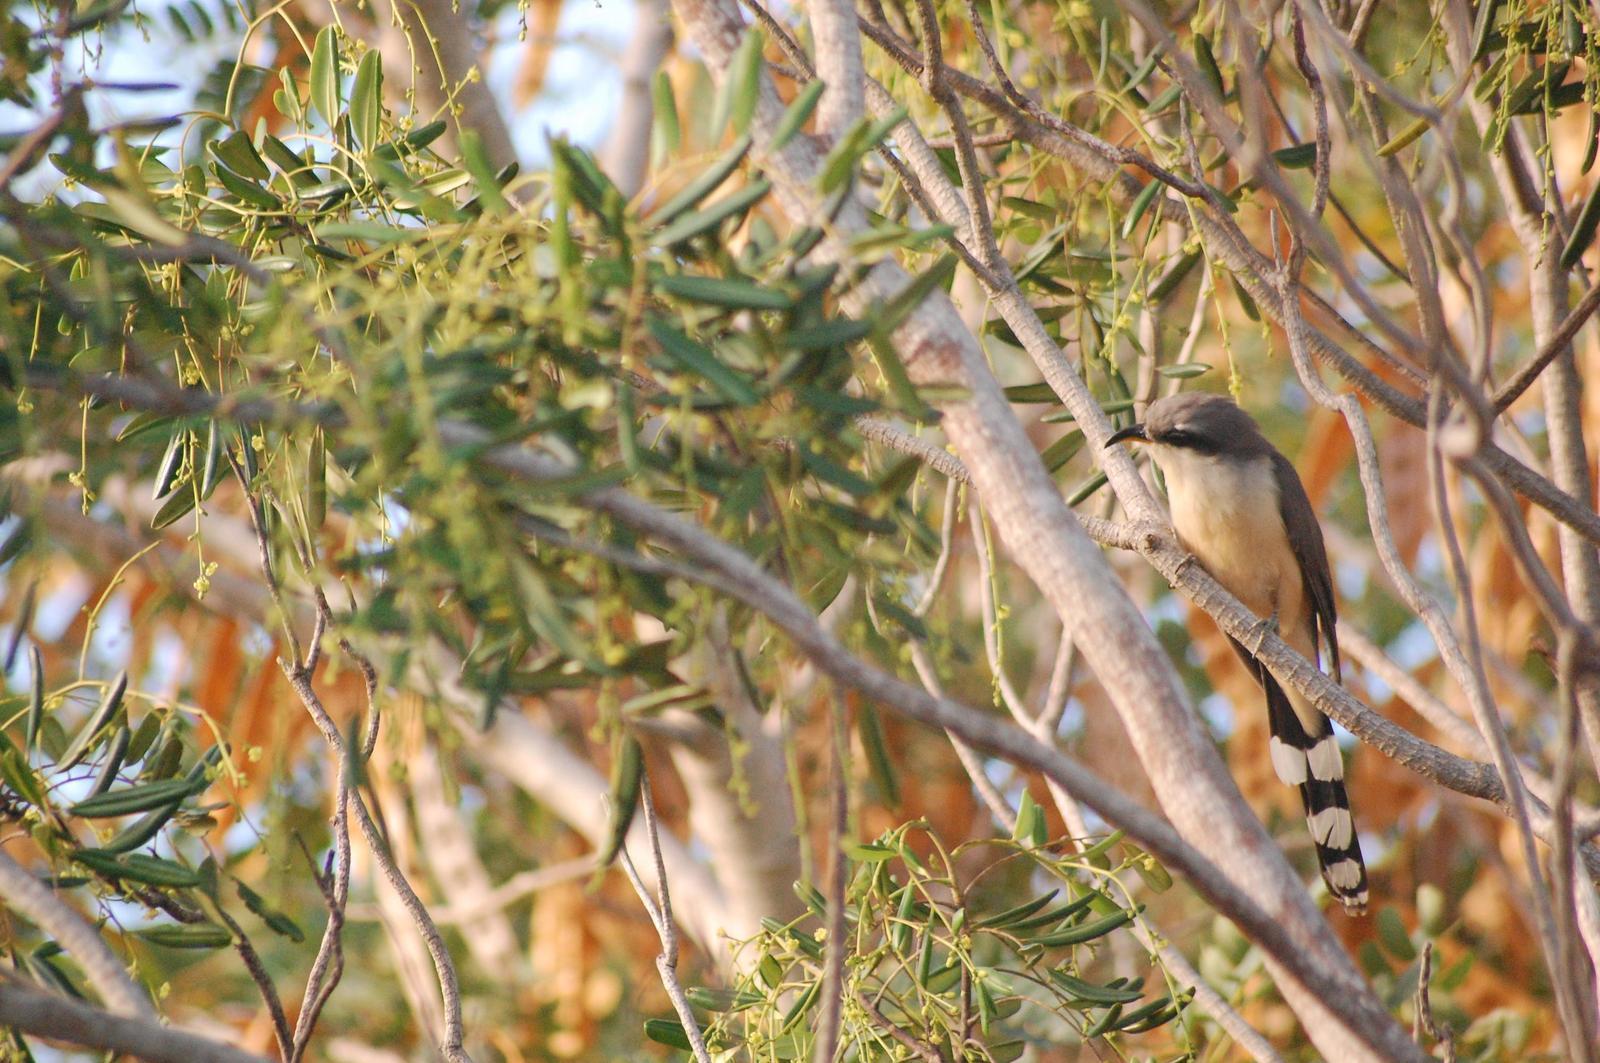 Mangrove Cuckoo Photo by Ted Goshulak